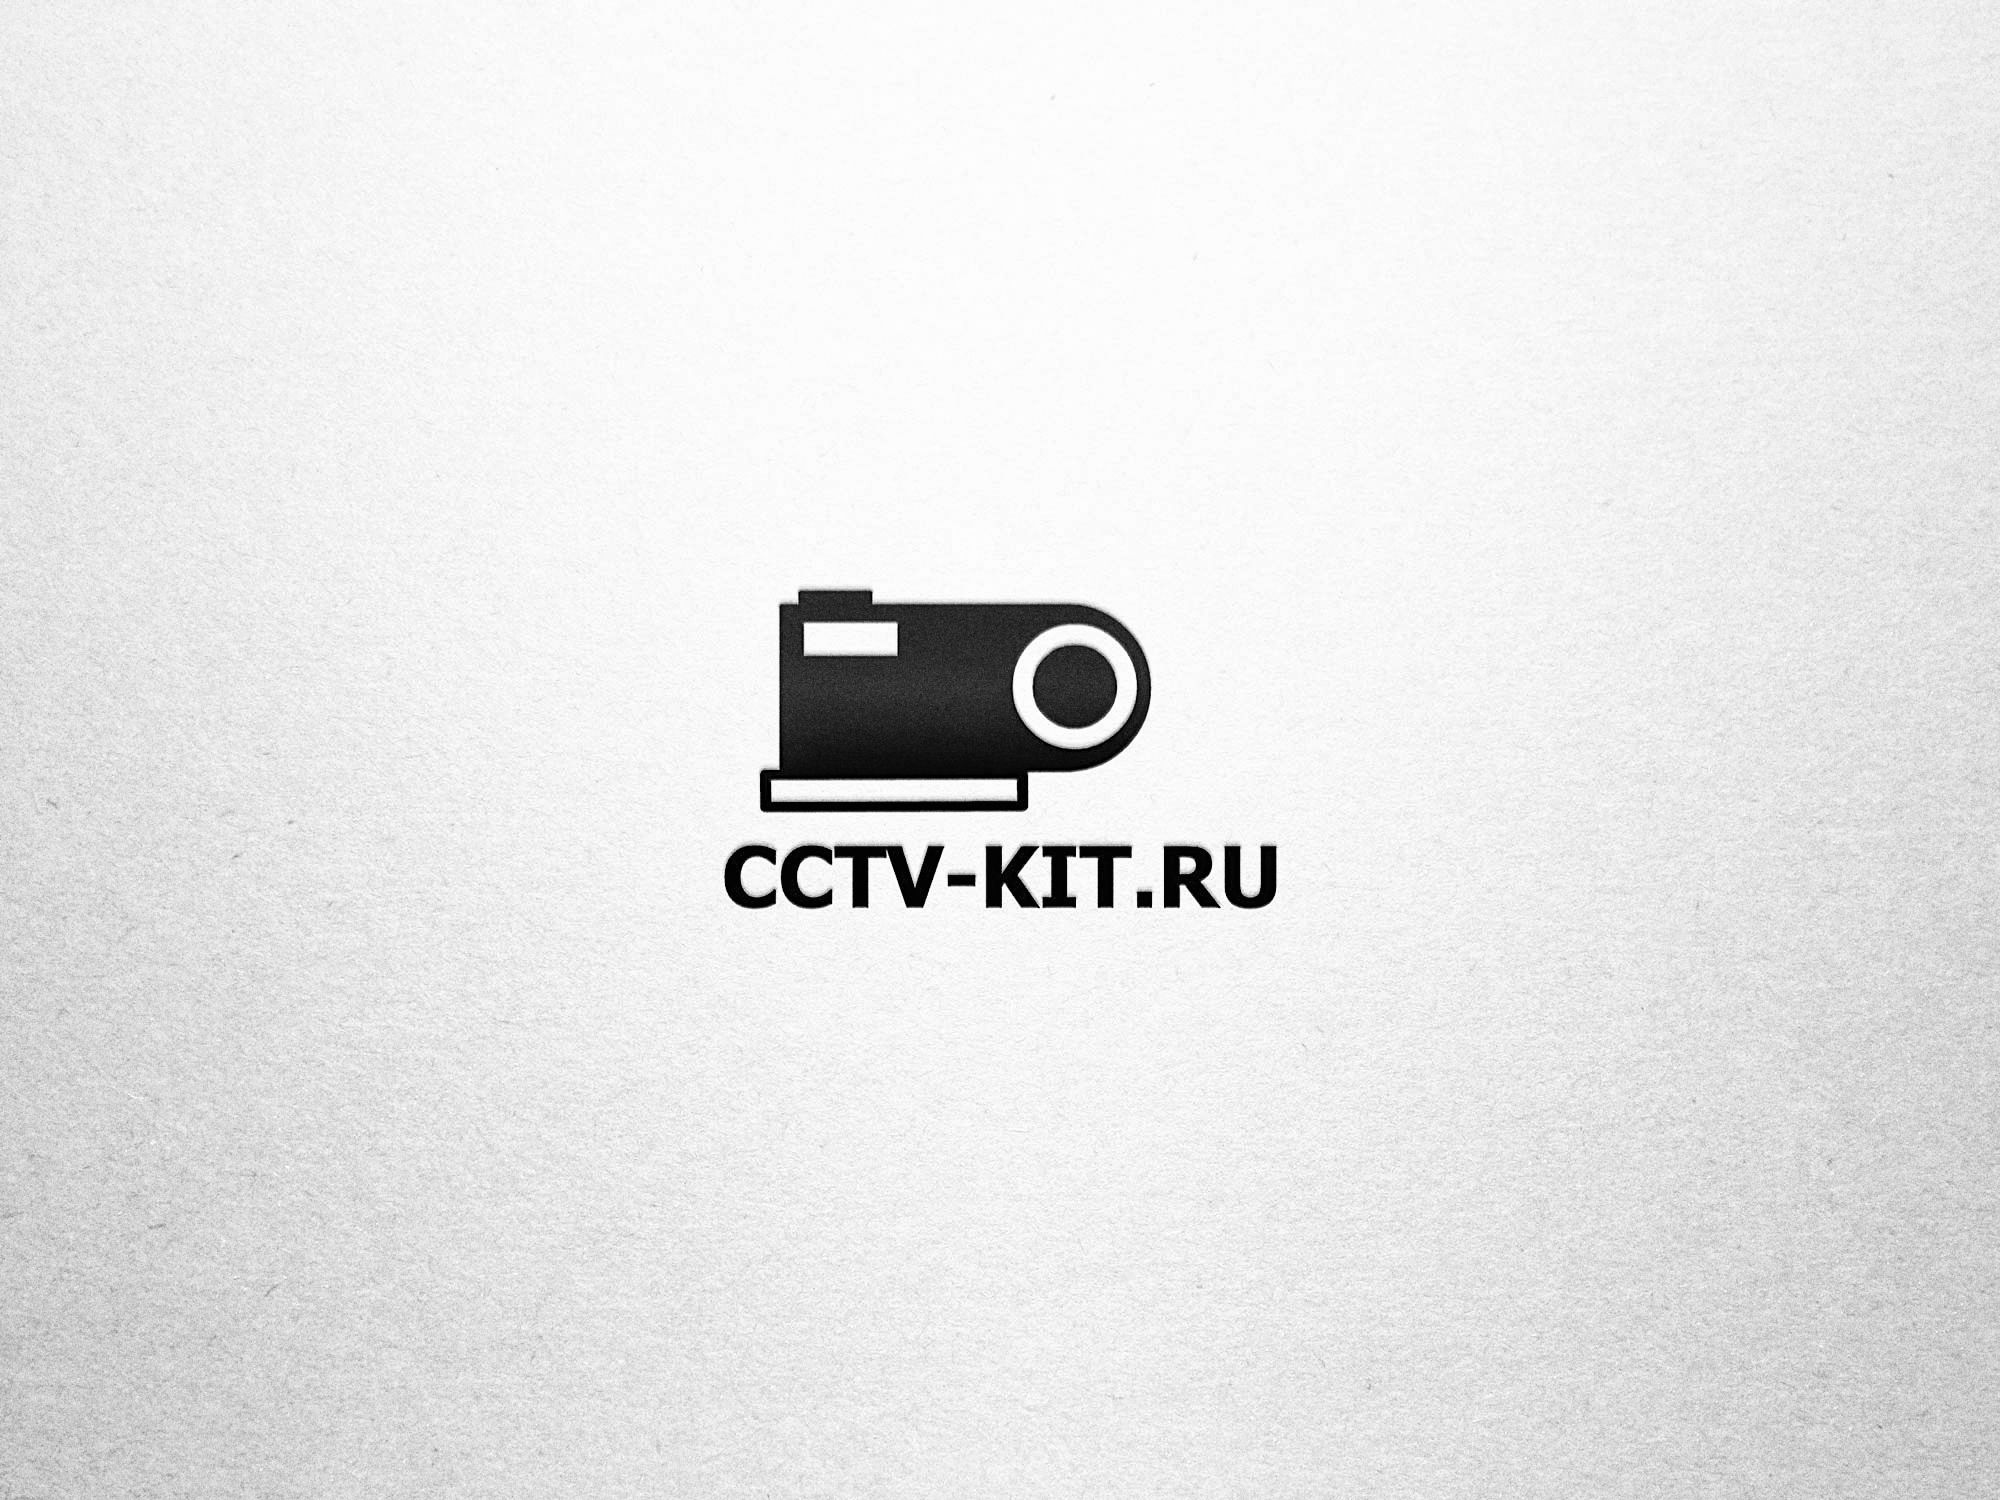 Логотип для интернет-магазина видеонаблюдения - дизайнер Anyutochkin